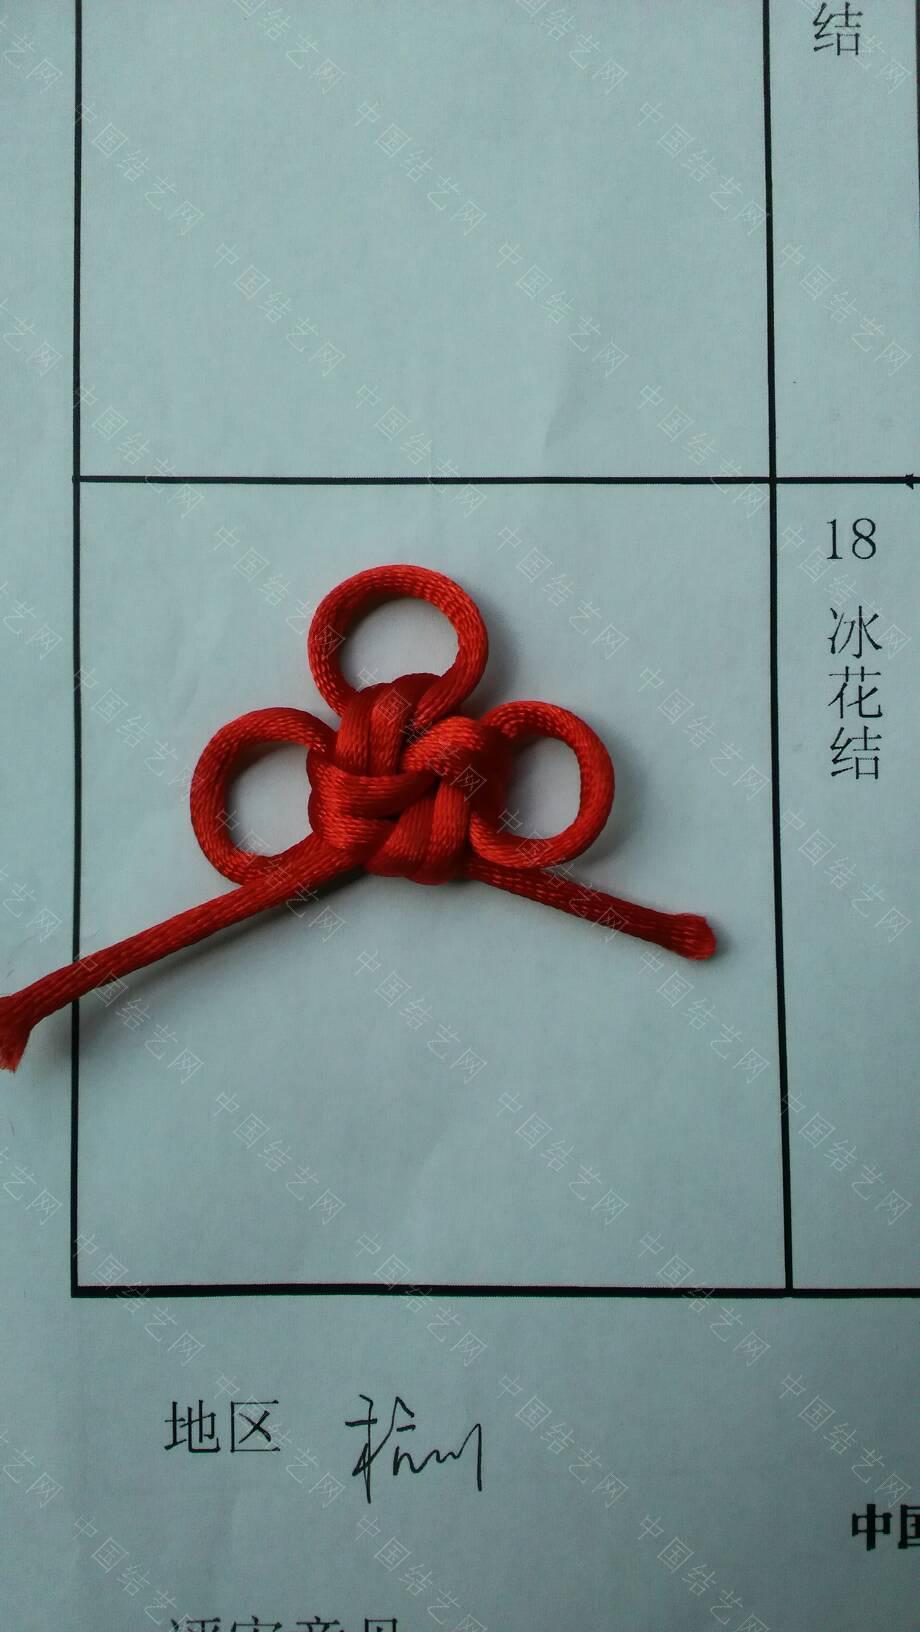 中国结论坛   中国绳结艺术分级达标审核 101819n3ba9lph8a8suh90